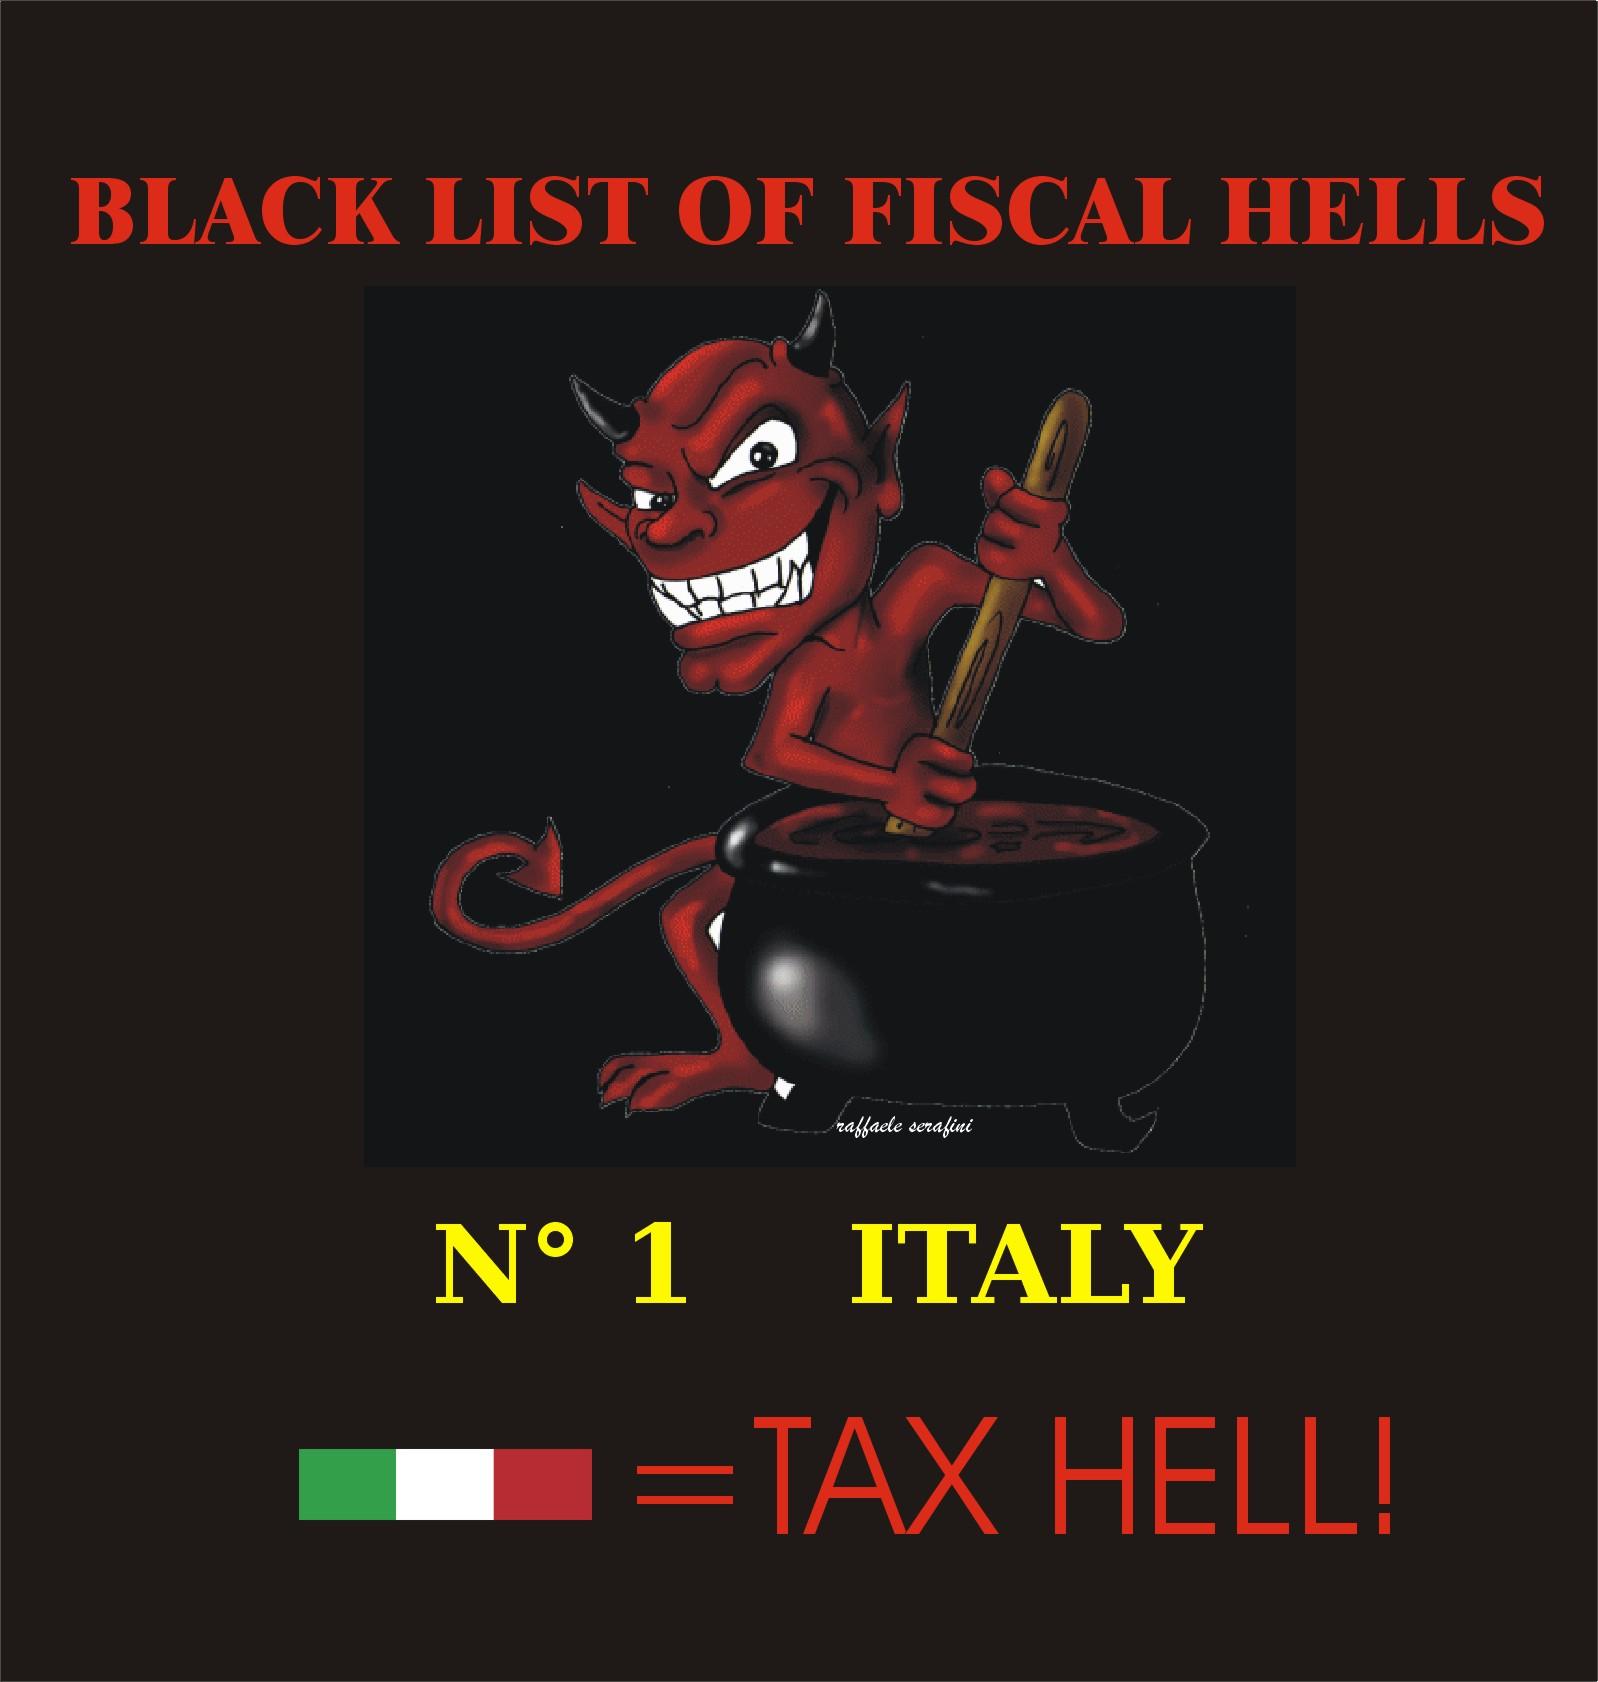 OPPRESSIONE ECONOMICA IN ITALIA: INFERNO FISCALE!